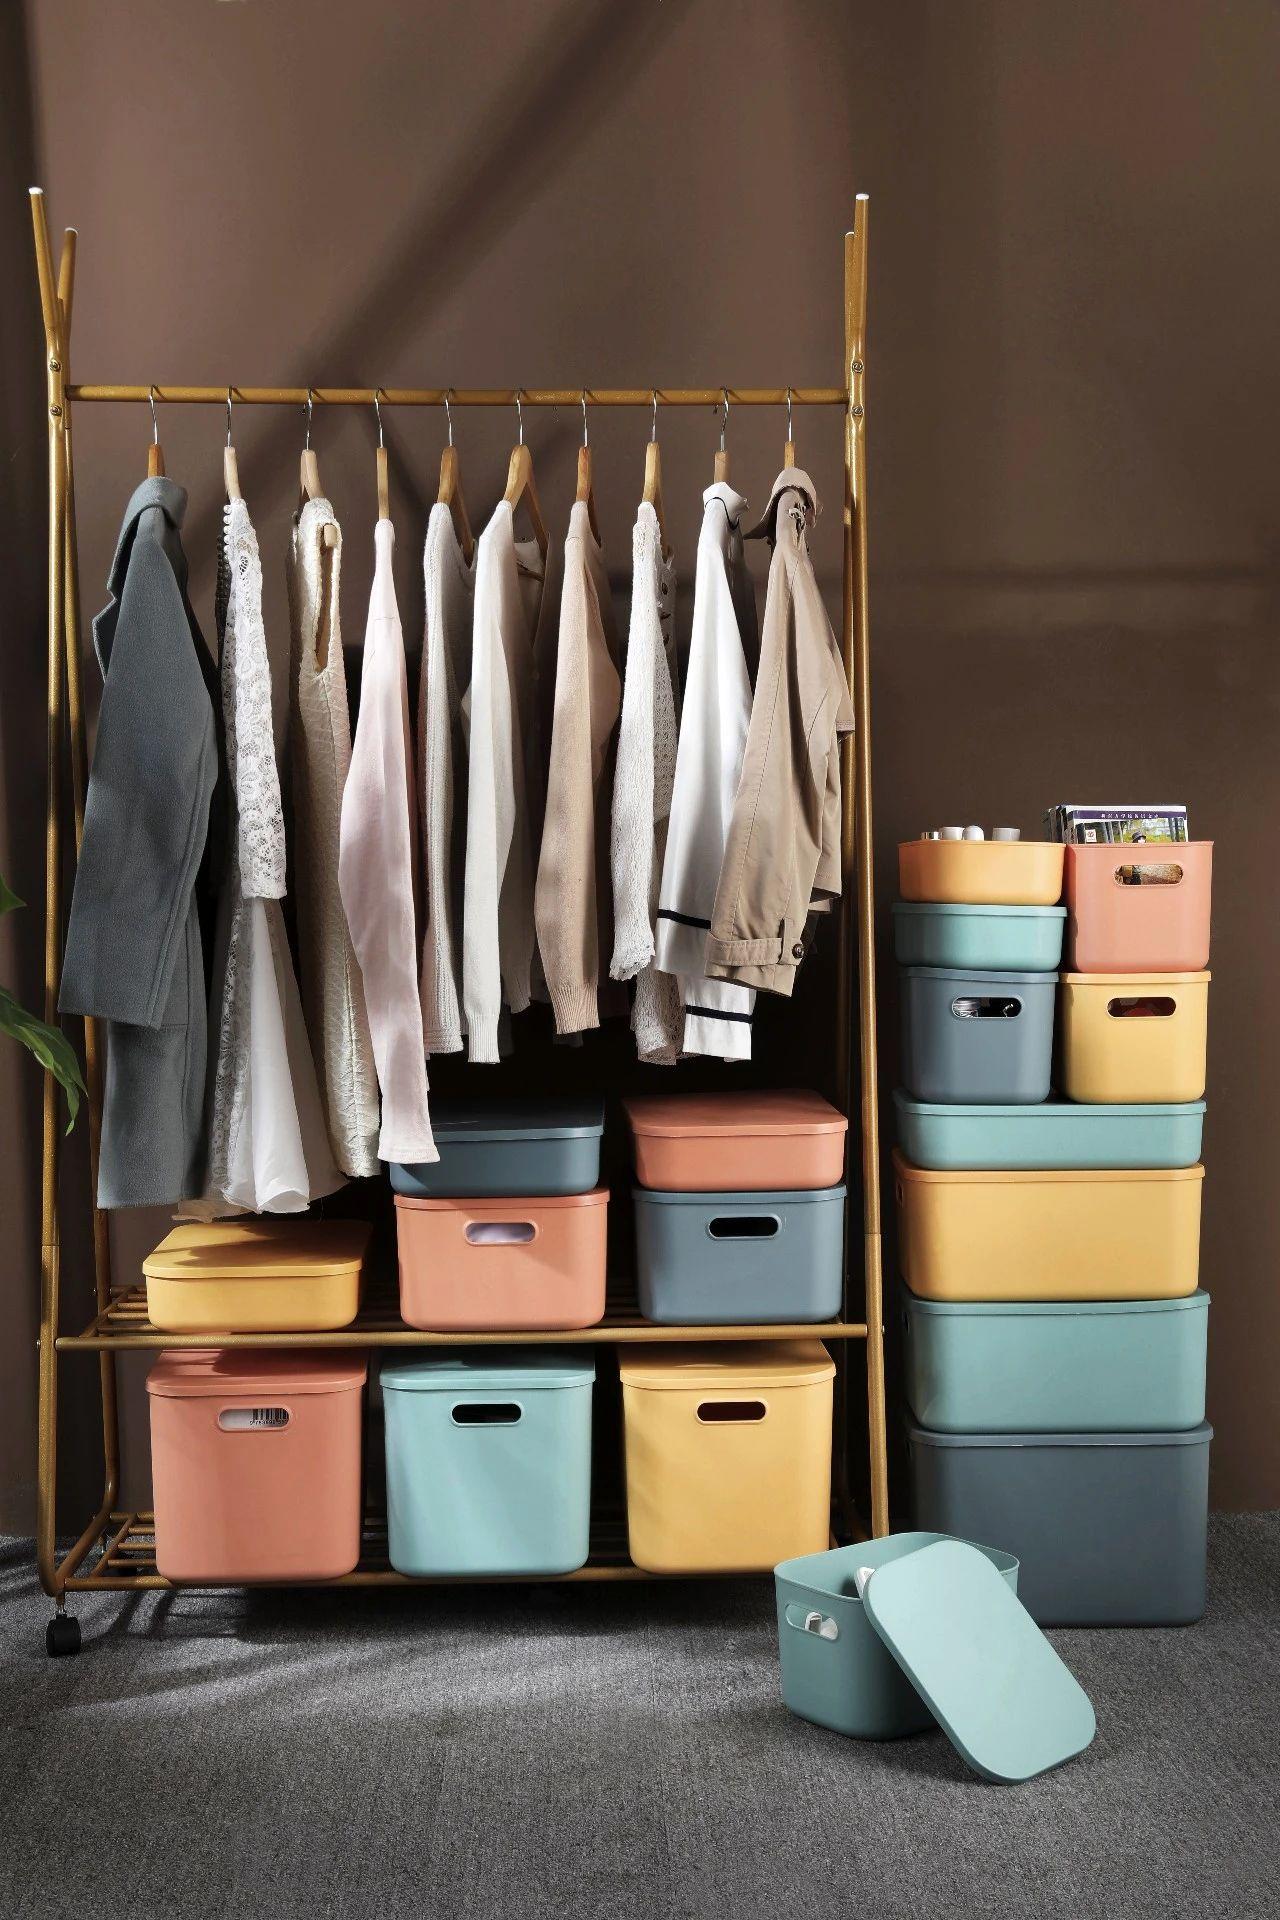 高颜值撞色北欧收纳盒,1分钟搞好收纳,还你一个整洁的家